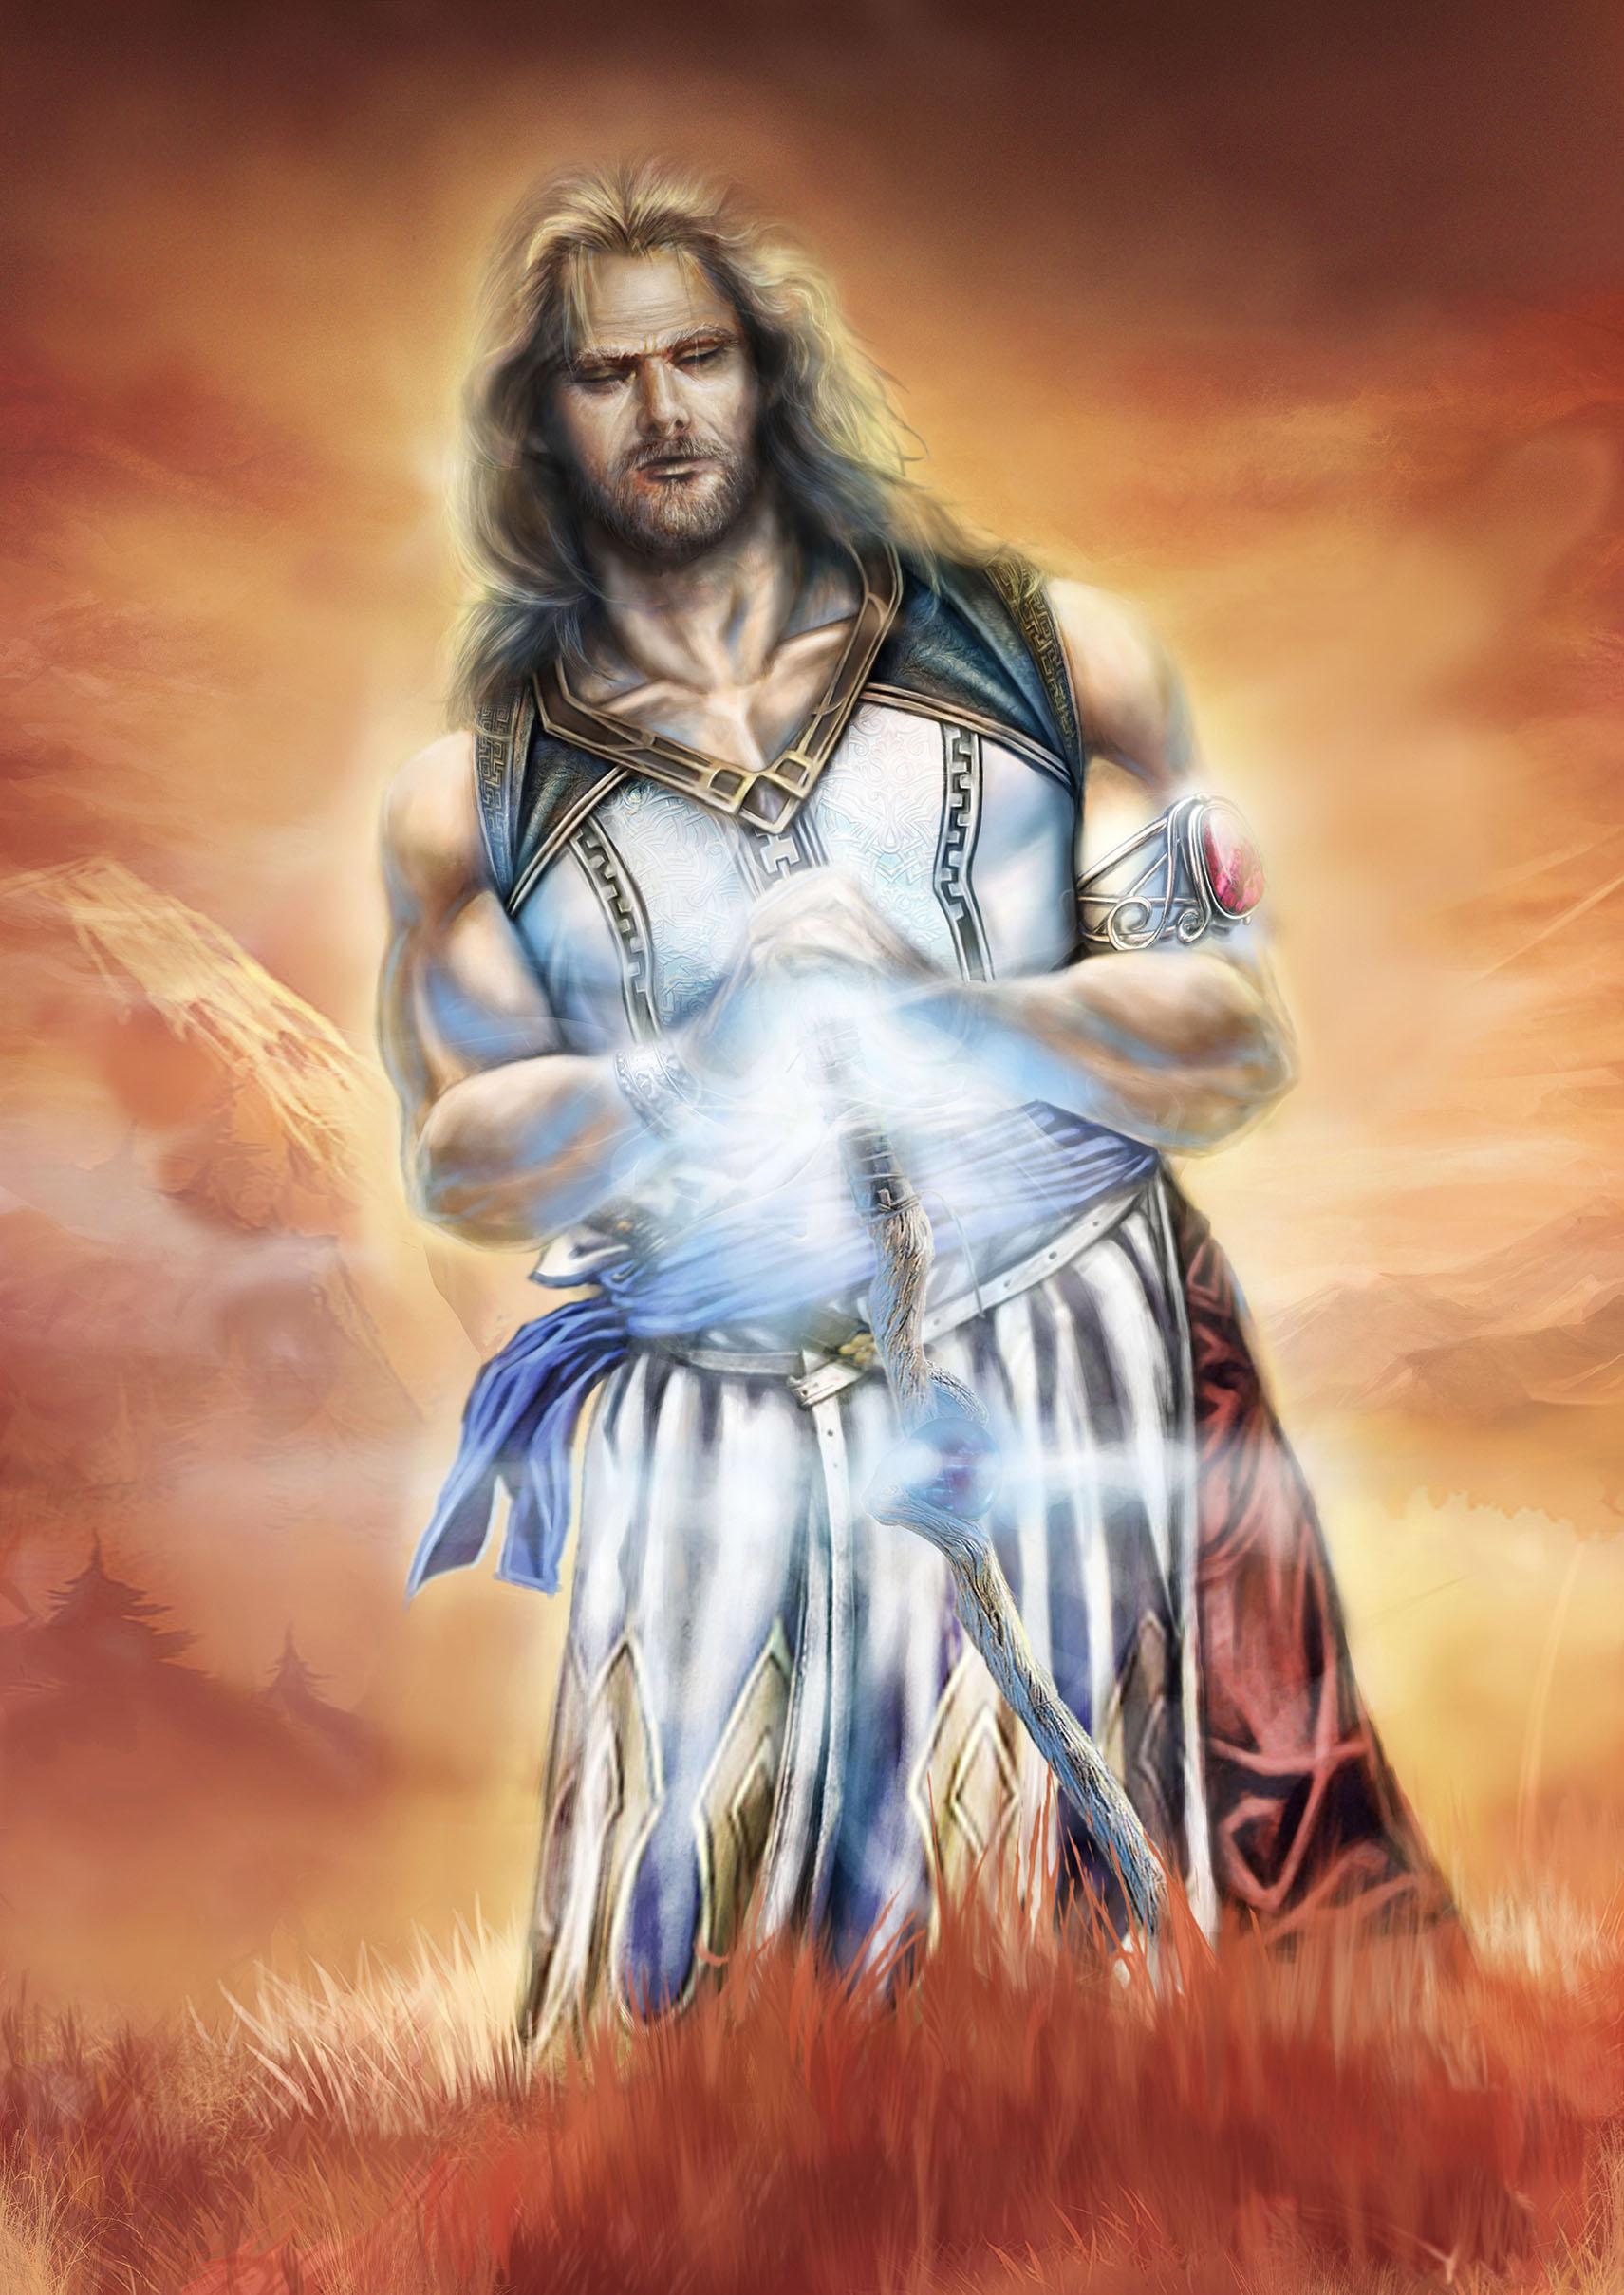 Immagine di Arkàdon - Illustrazione fantasy tratta da I Guerrieri d'argento - Le Cronache dei 5 Regni - Elvio Ravasio, autore di libri fantasy